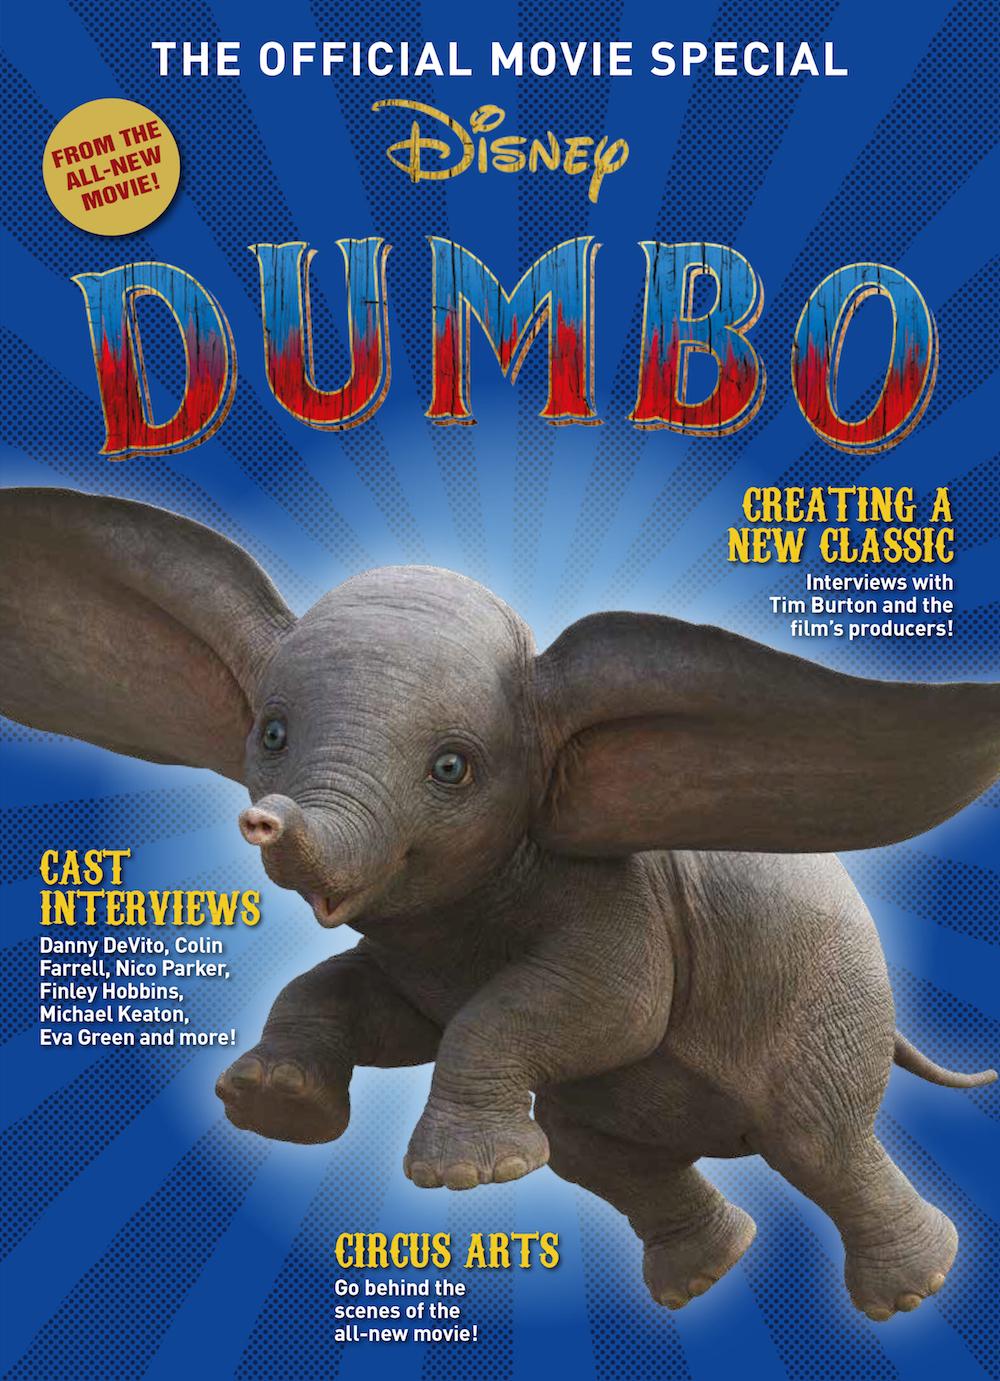 DISNEY MOVIE SPECIAL #1 DUMBO